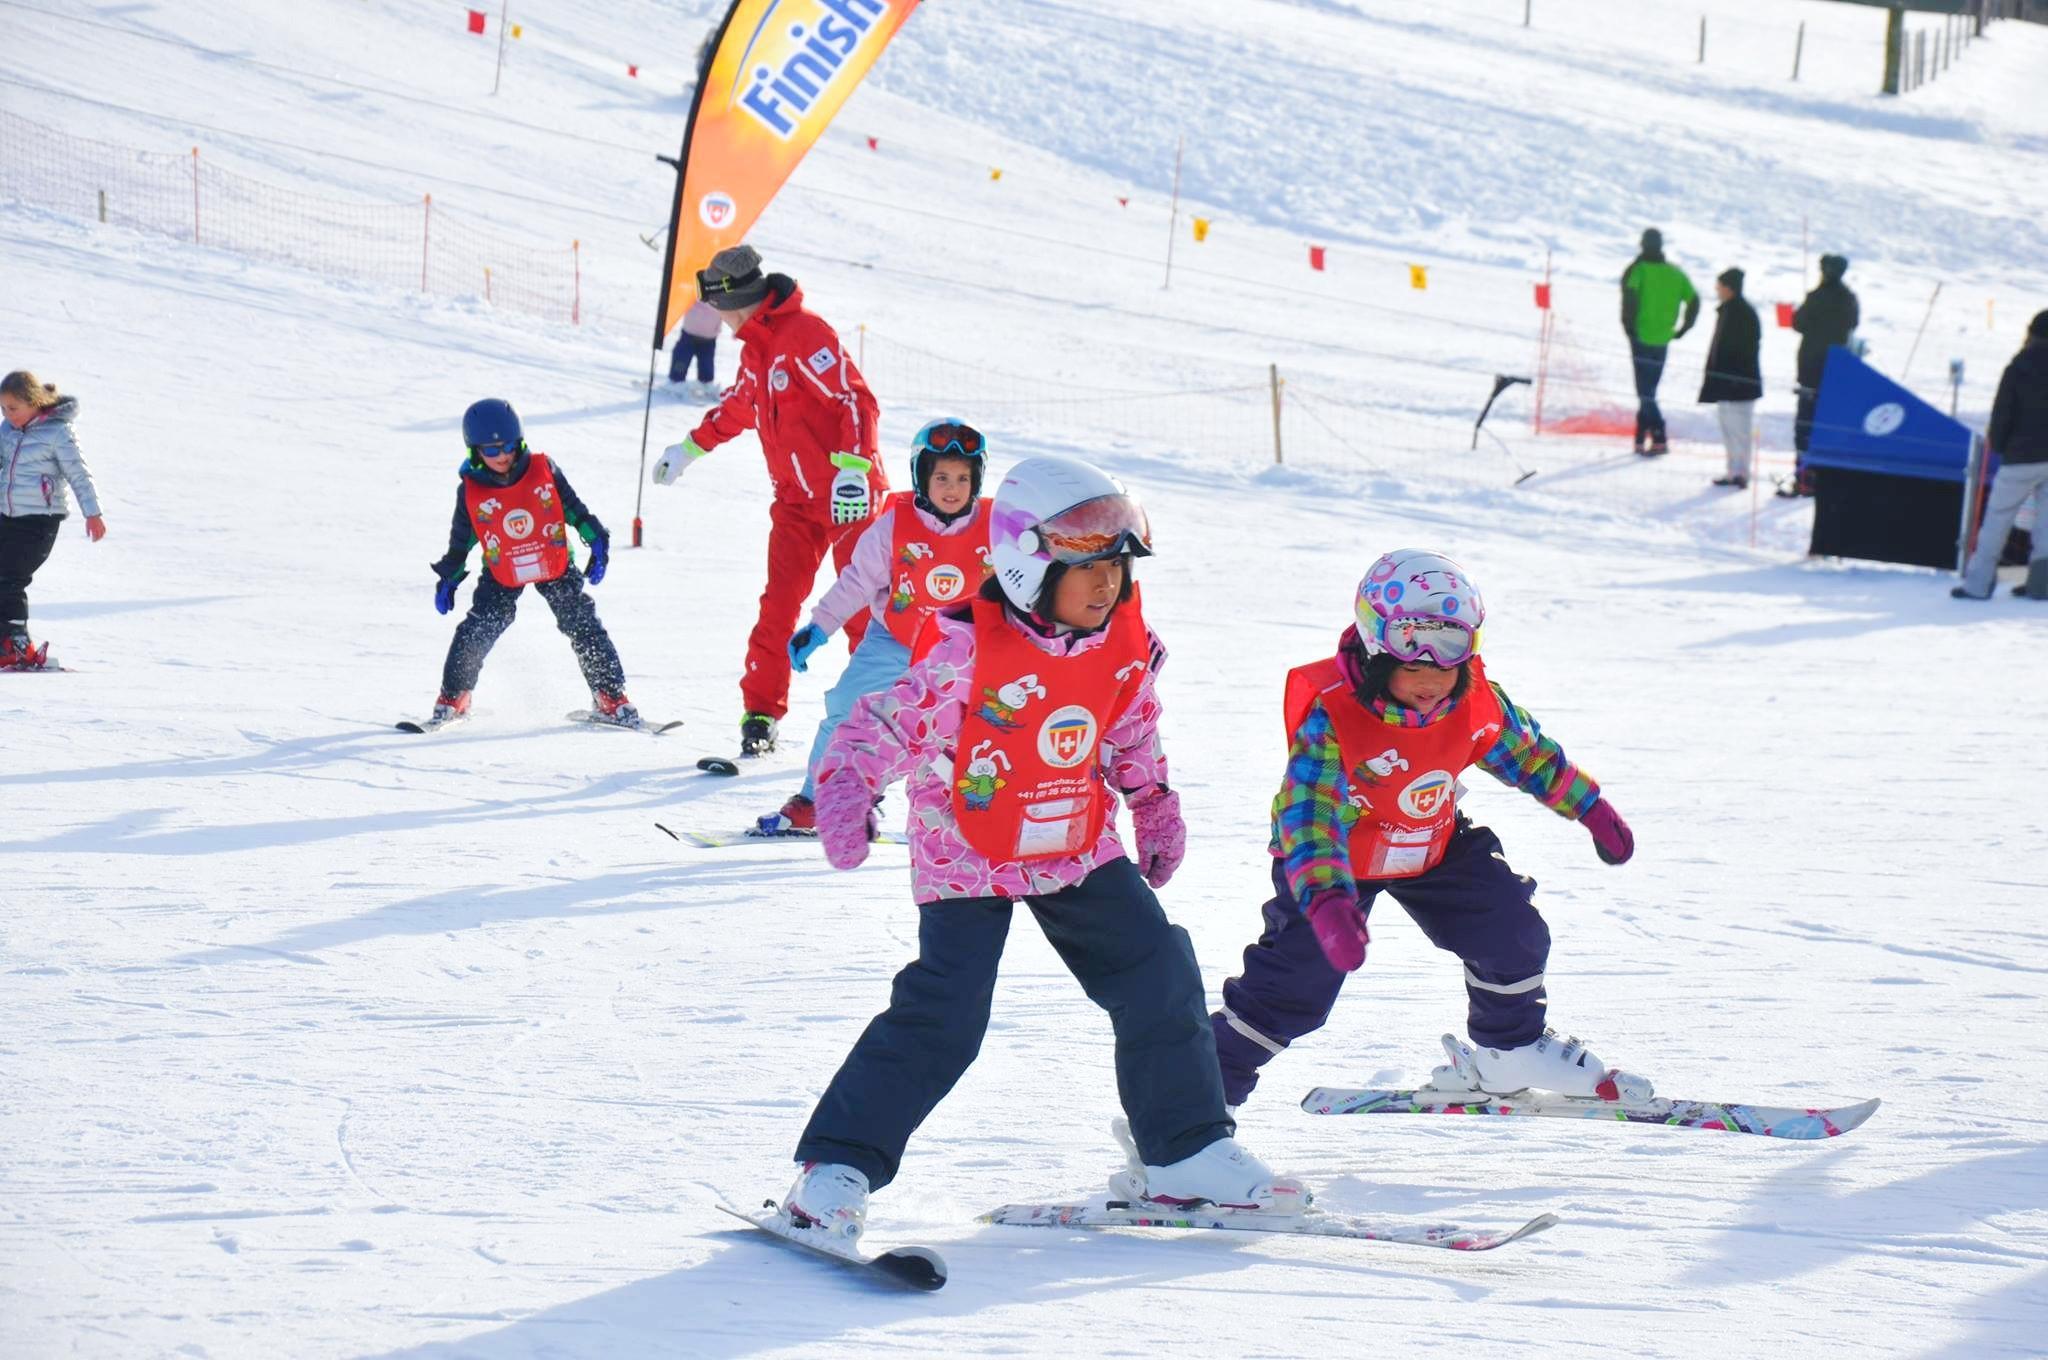 Cours de ski Enfants (6-14 ans) depuis Bulle